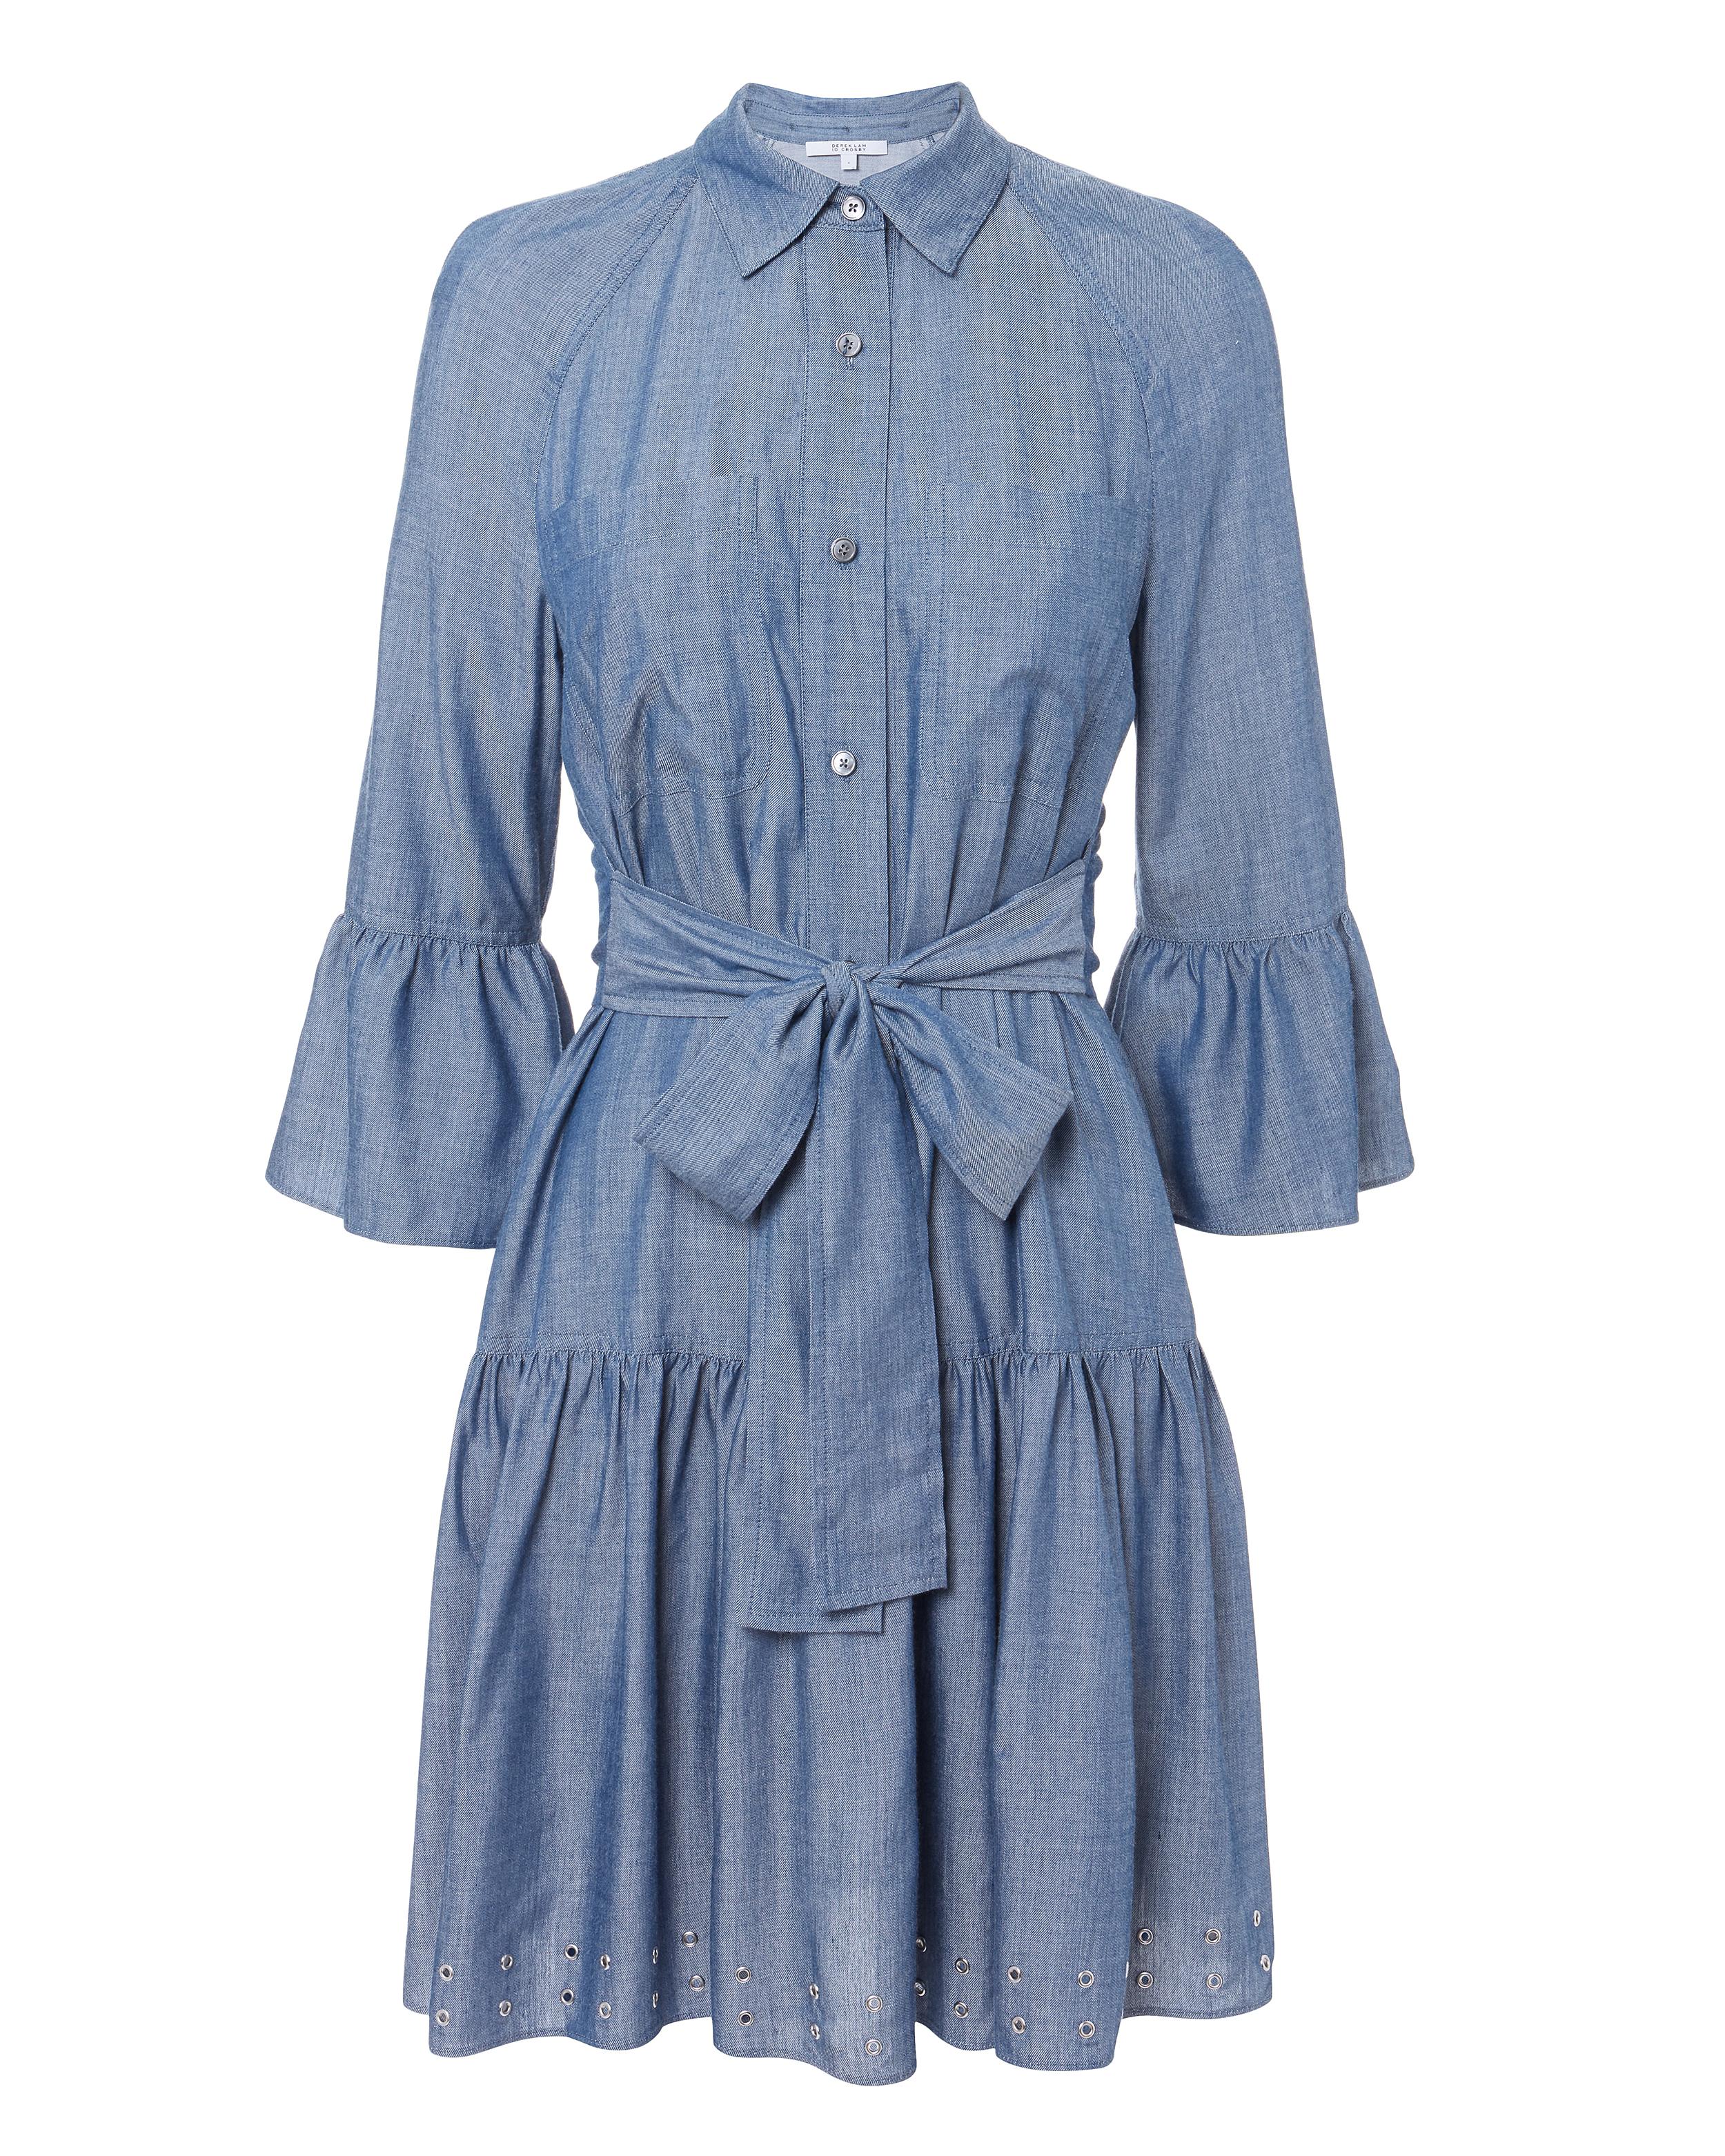 10 CROSBY DEREK LAM  GROMMET DENIM DRESS BLUE-MED